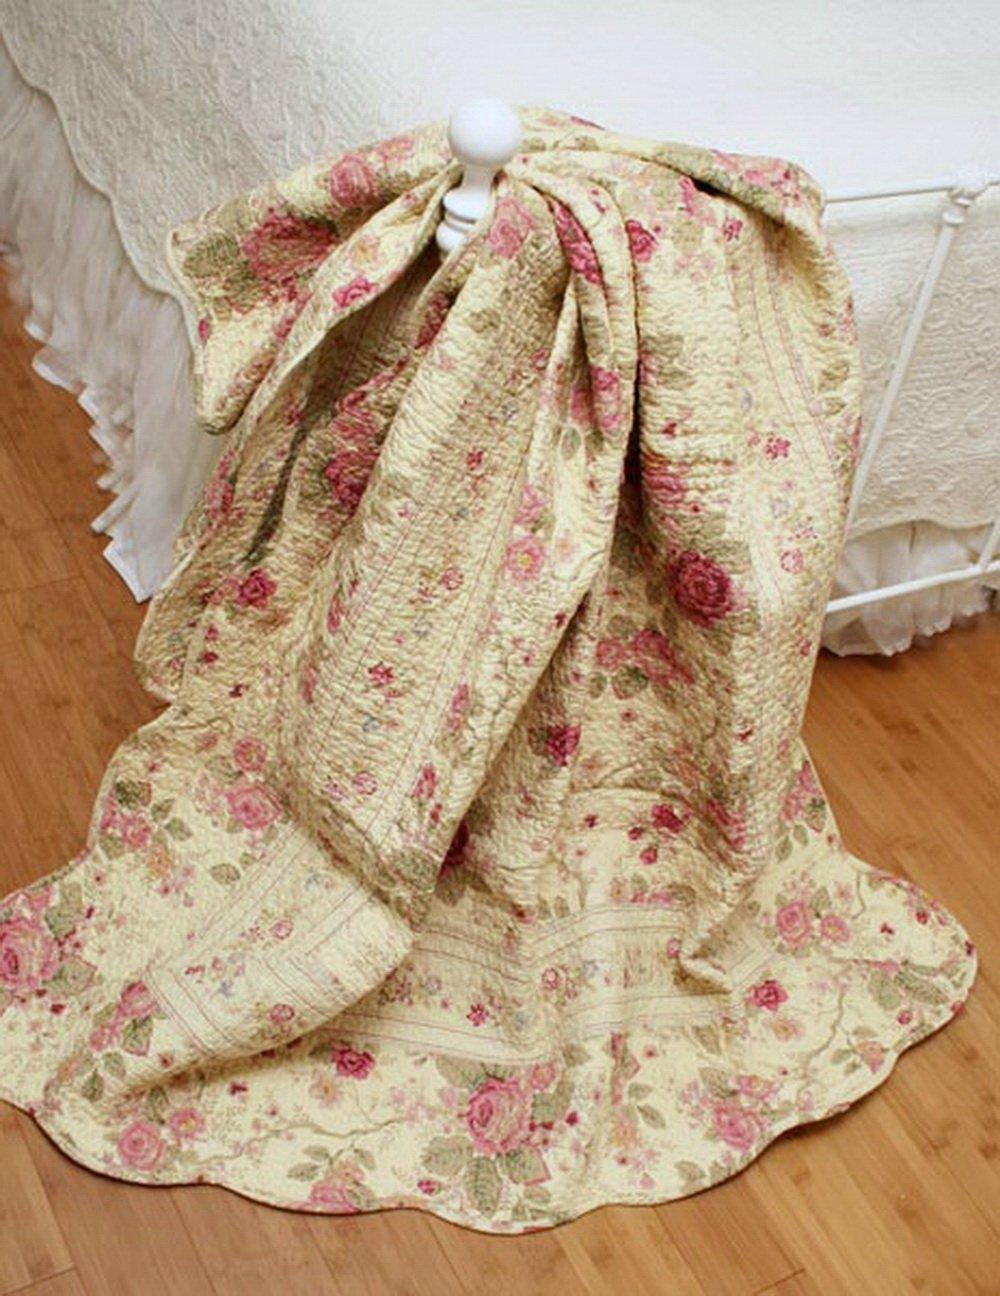 コッテージロマンチックキルトセット シャム付き フローラルローズ柄 クリームイエロー ラグジュアリー100%コットン リバーシブル寝具 - ベッドシートストラップ付き Throw Blanket B01MXTT7SB  Throw Blanket